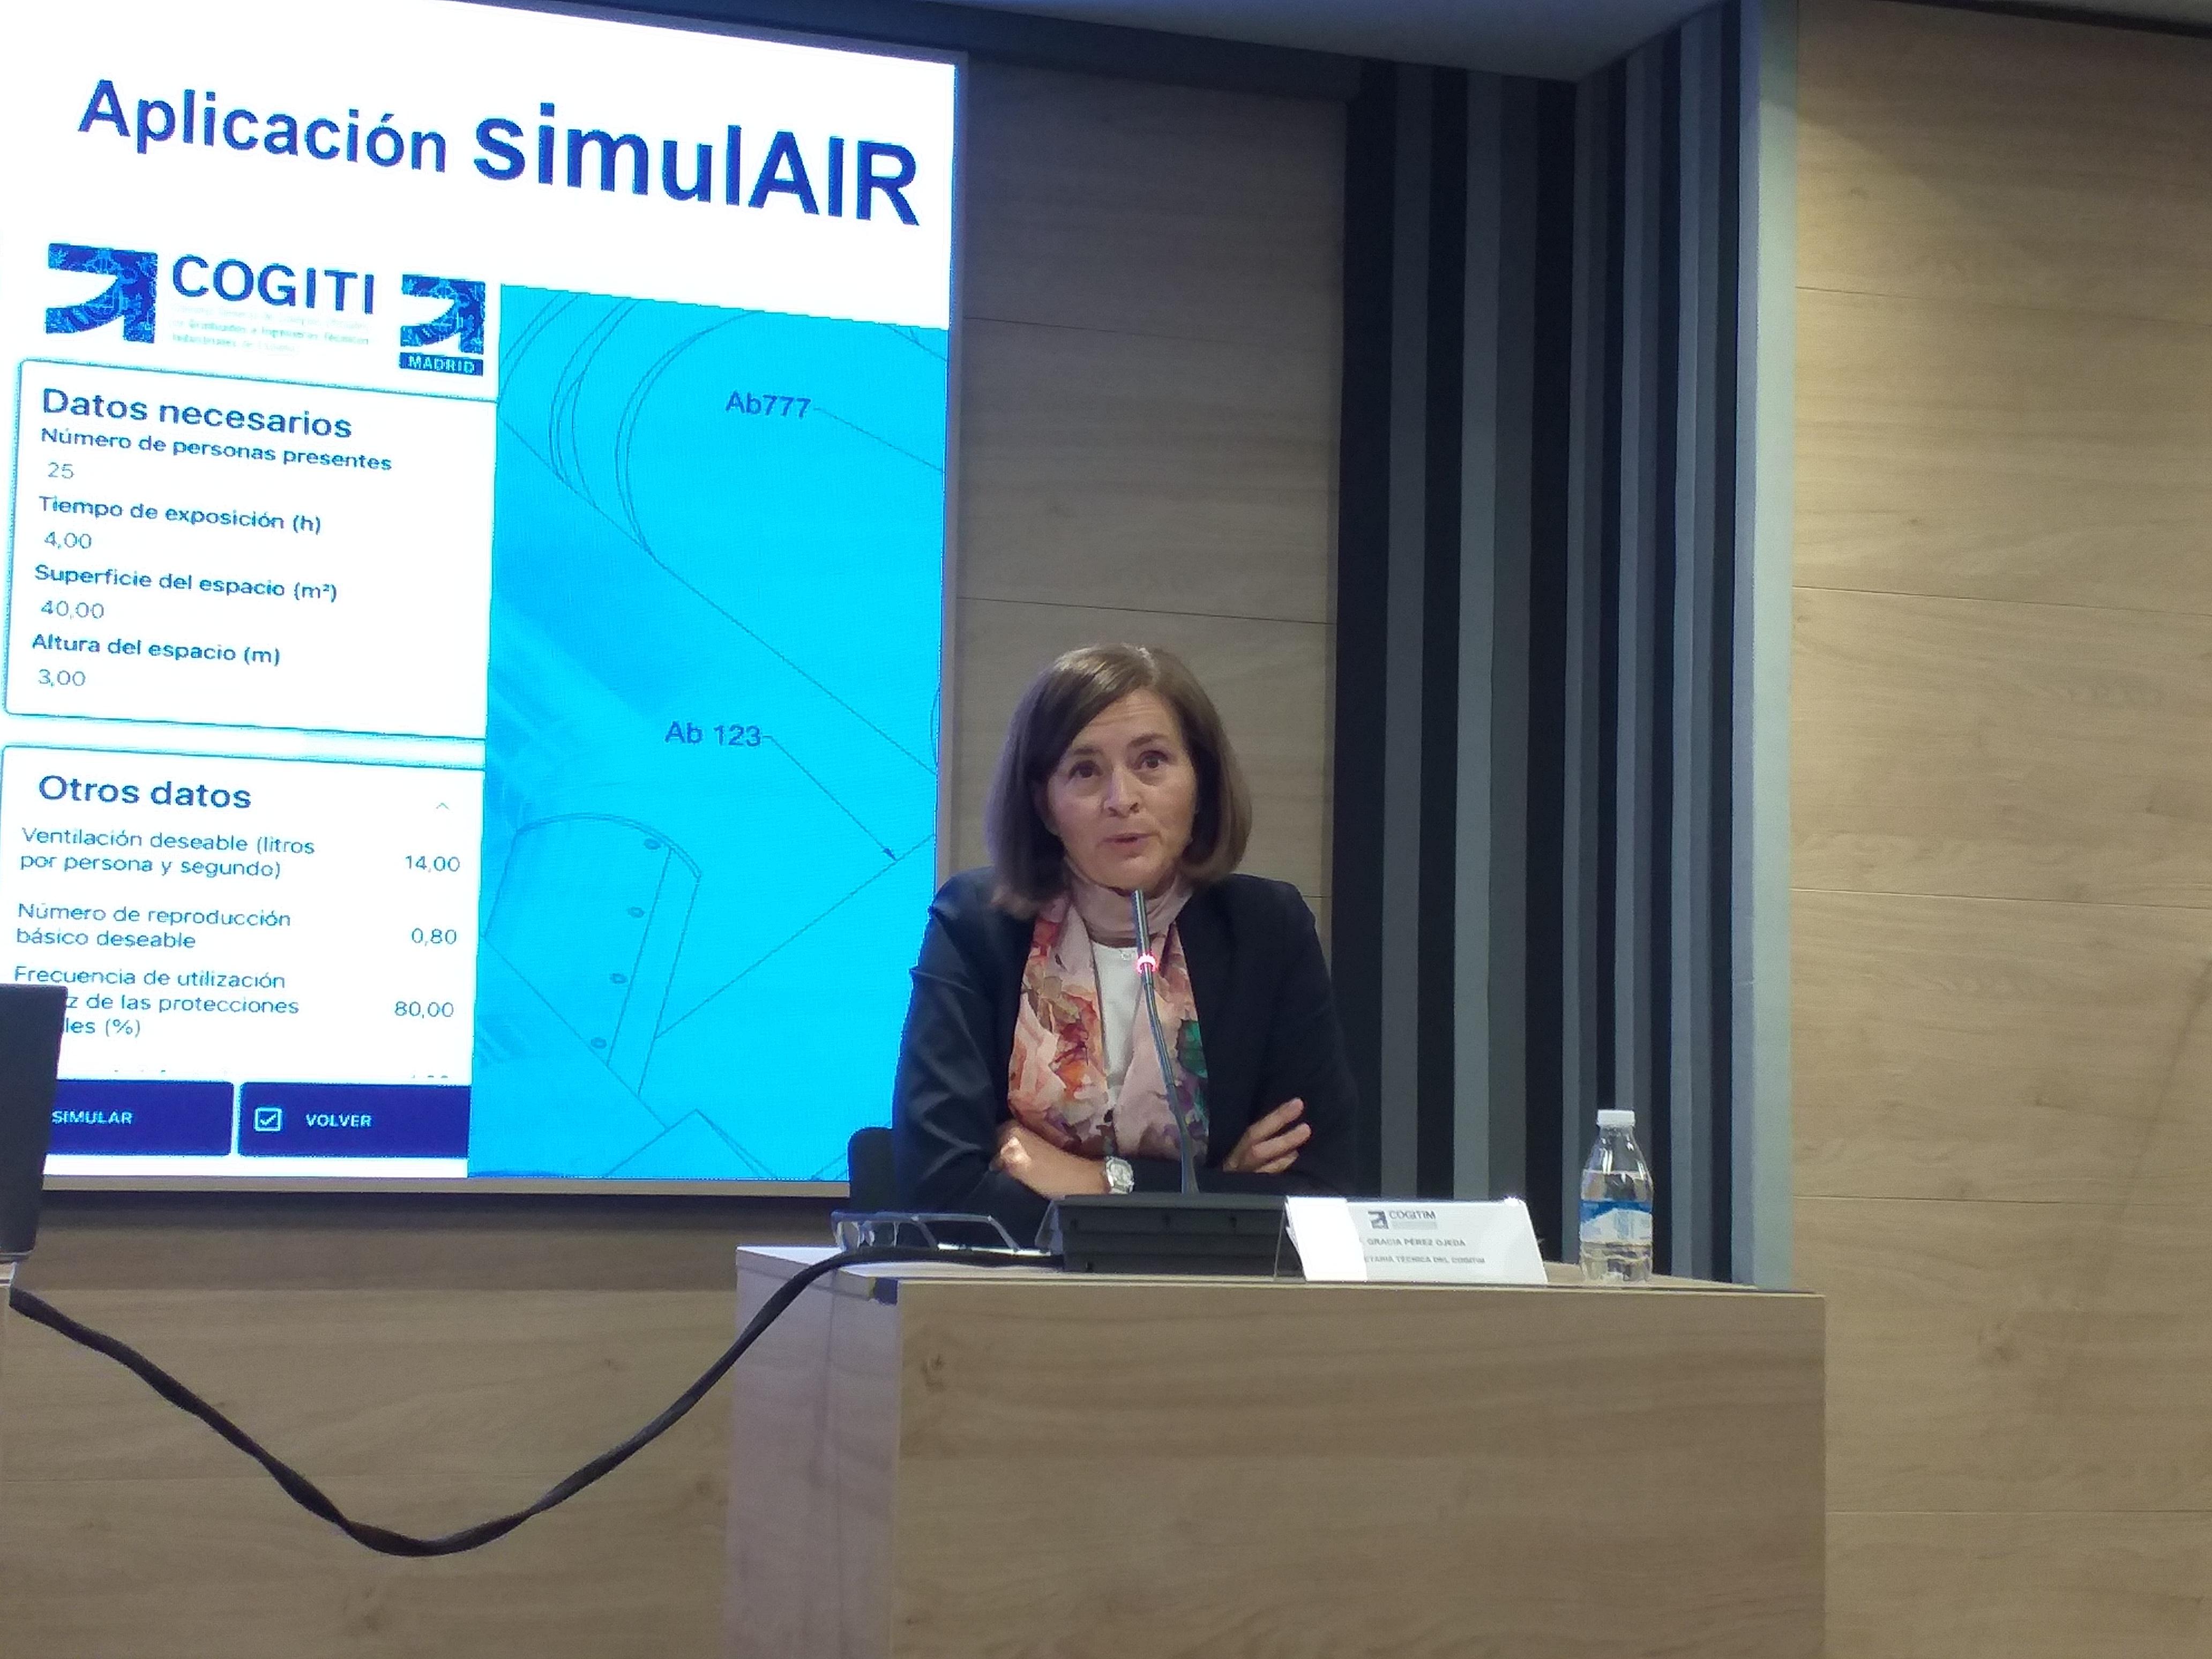 simulair_gracia.jpg